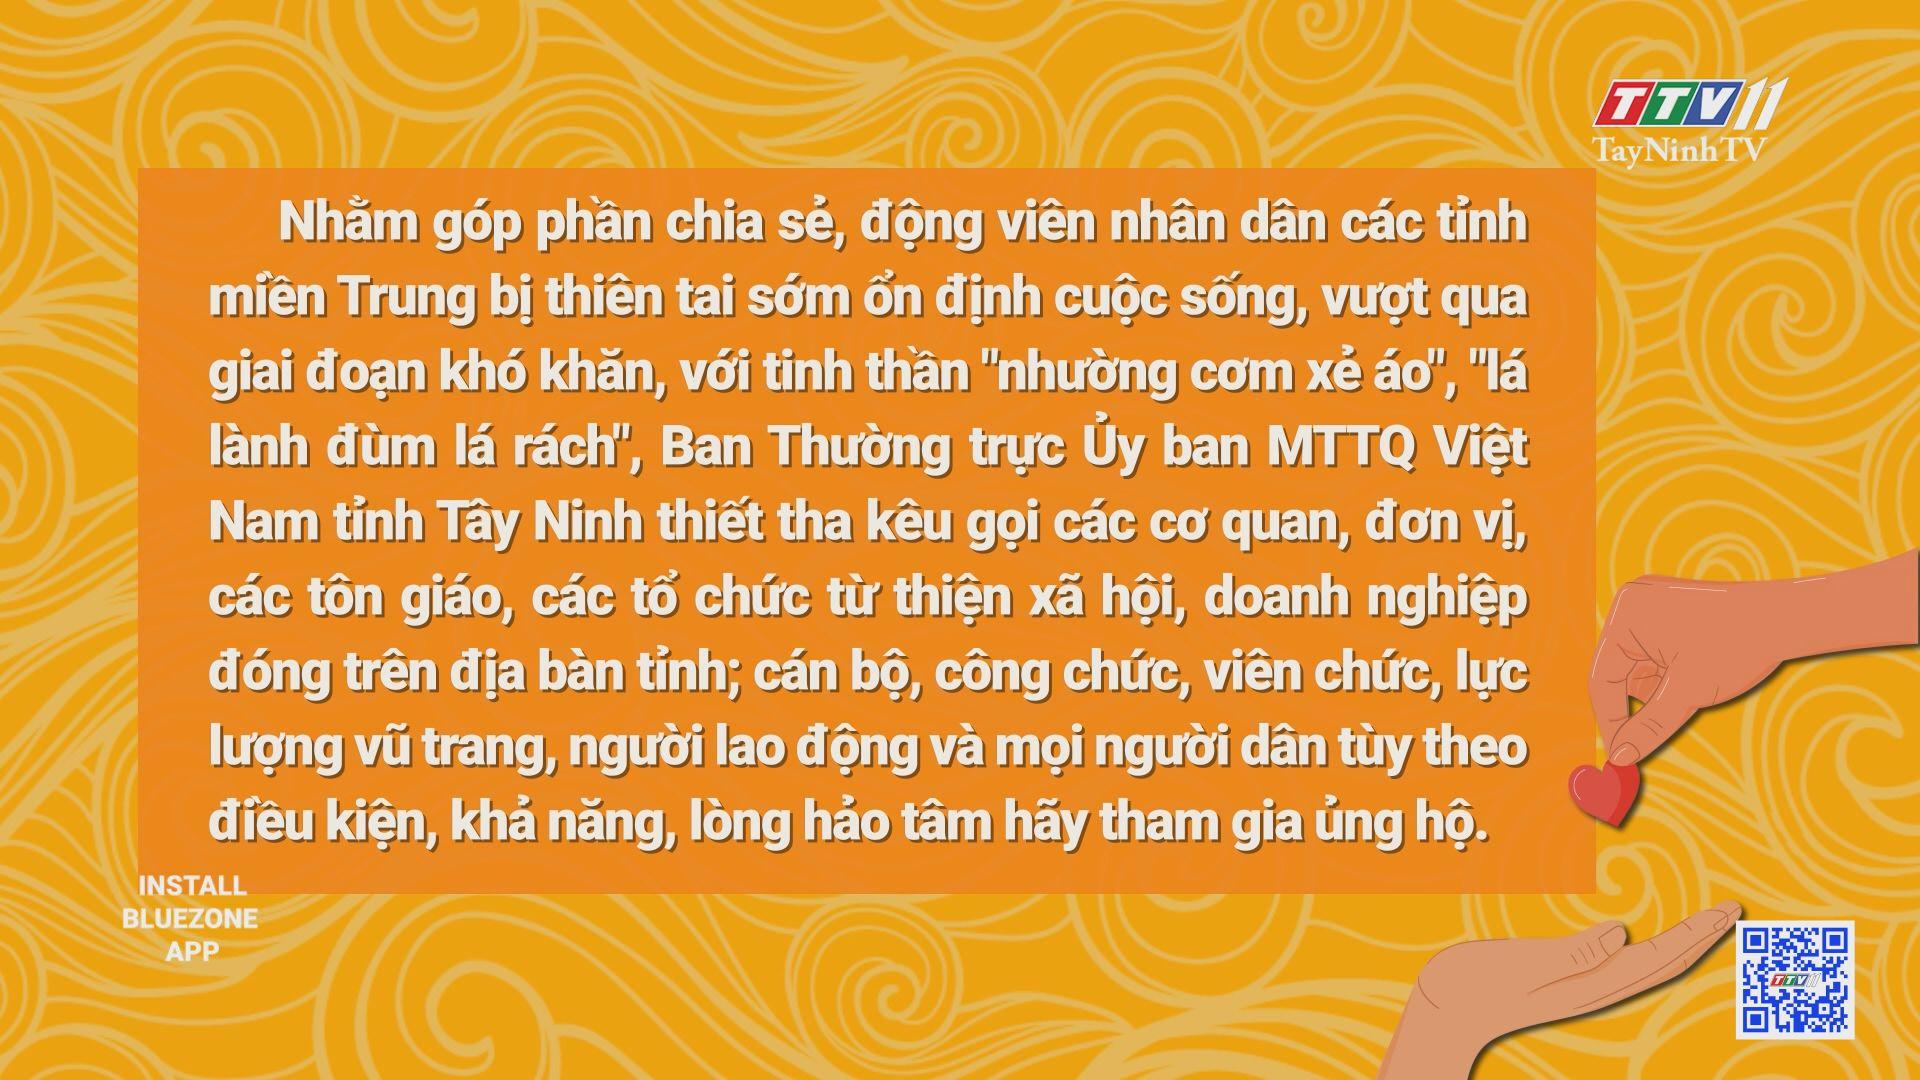 Ủy ban MTTQ Việt Nam tỉnh Tây Ninh kêu gọi ủng hộ đồng bào miền Trung bị bão lũ | THỜI SỰ | TayNinhTV